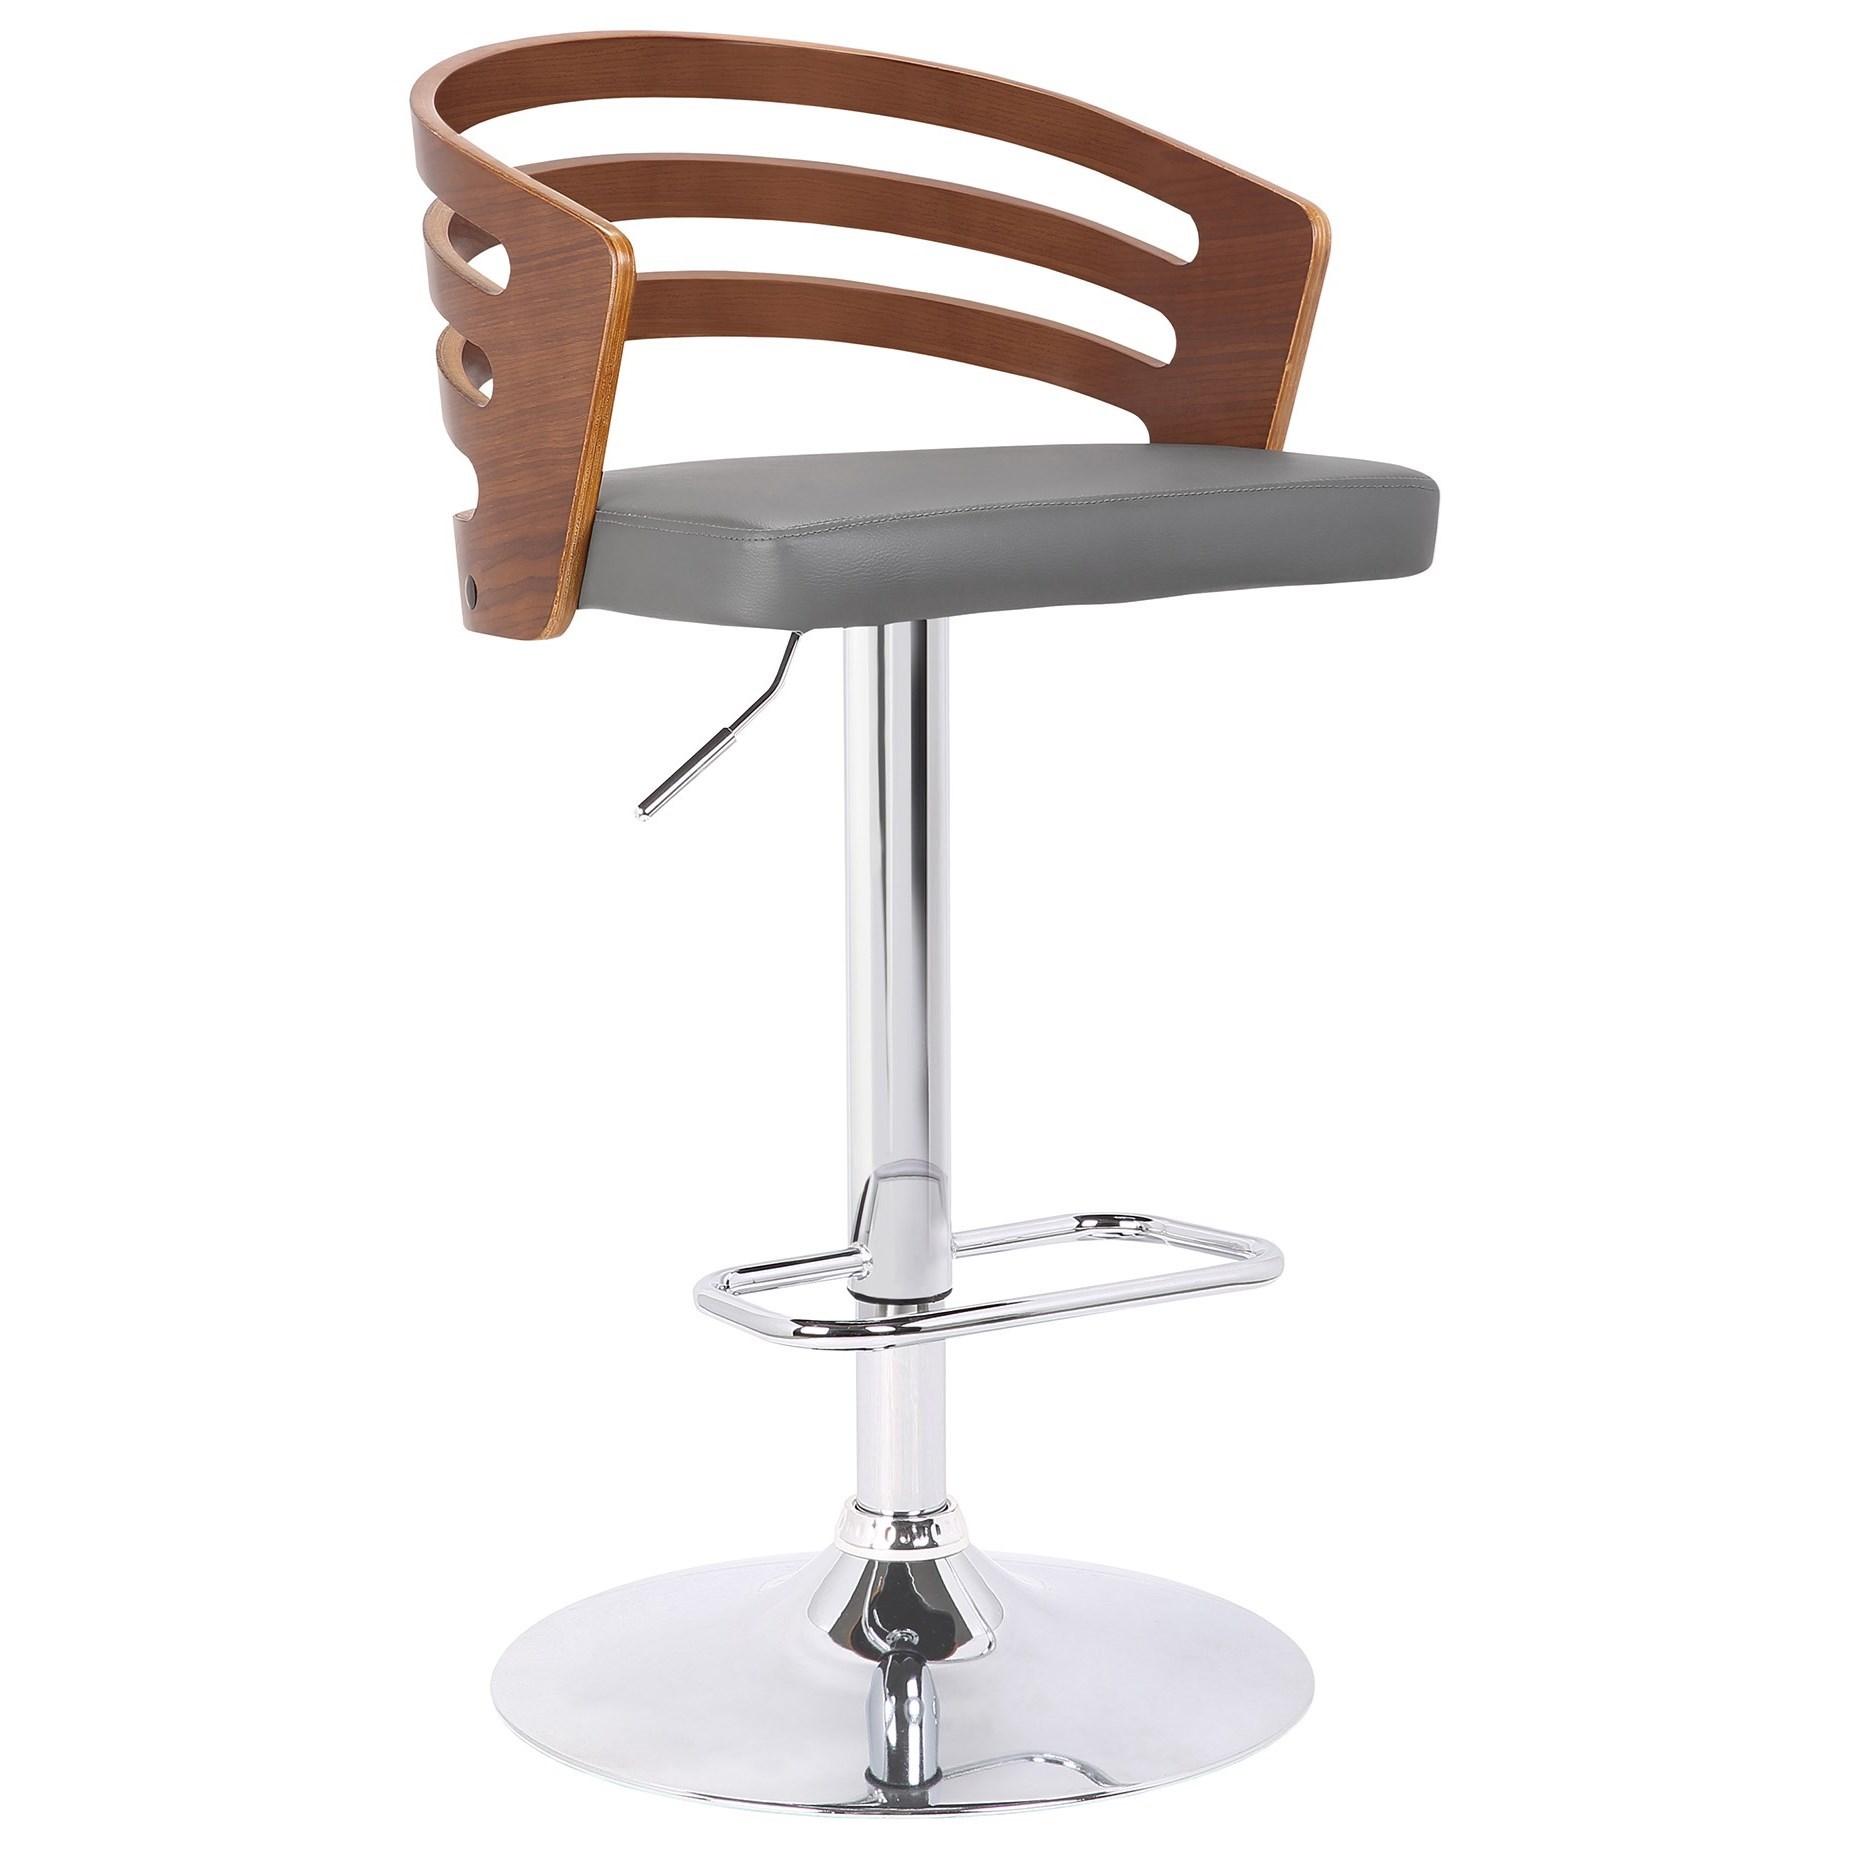 Mid-Century Adjustable Swivel Barstool